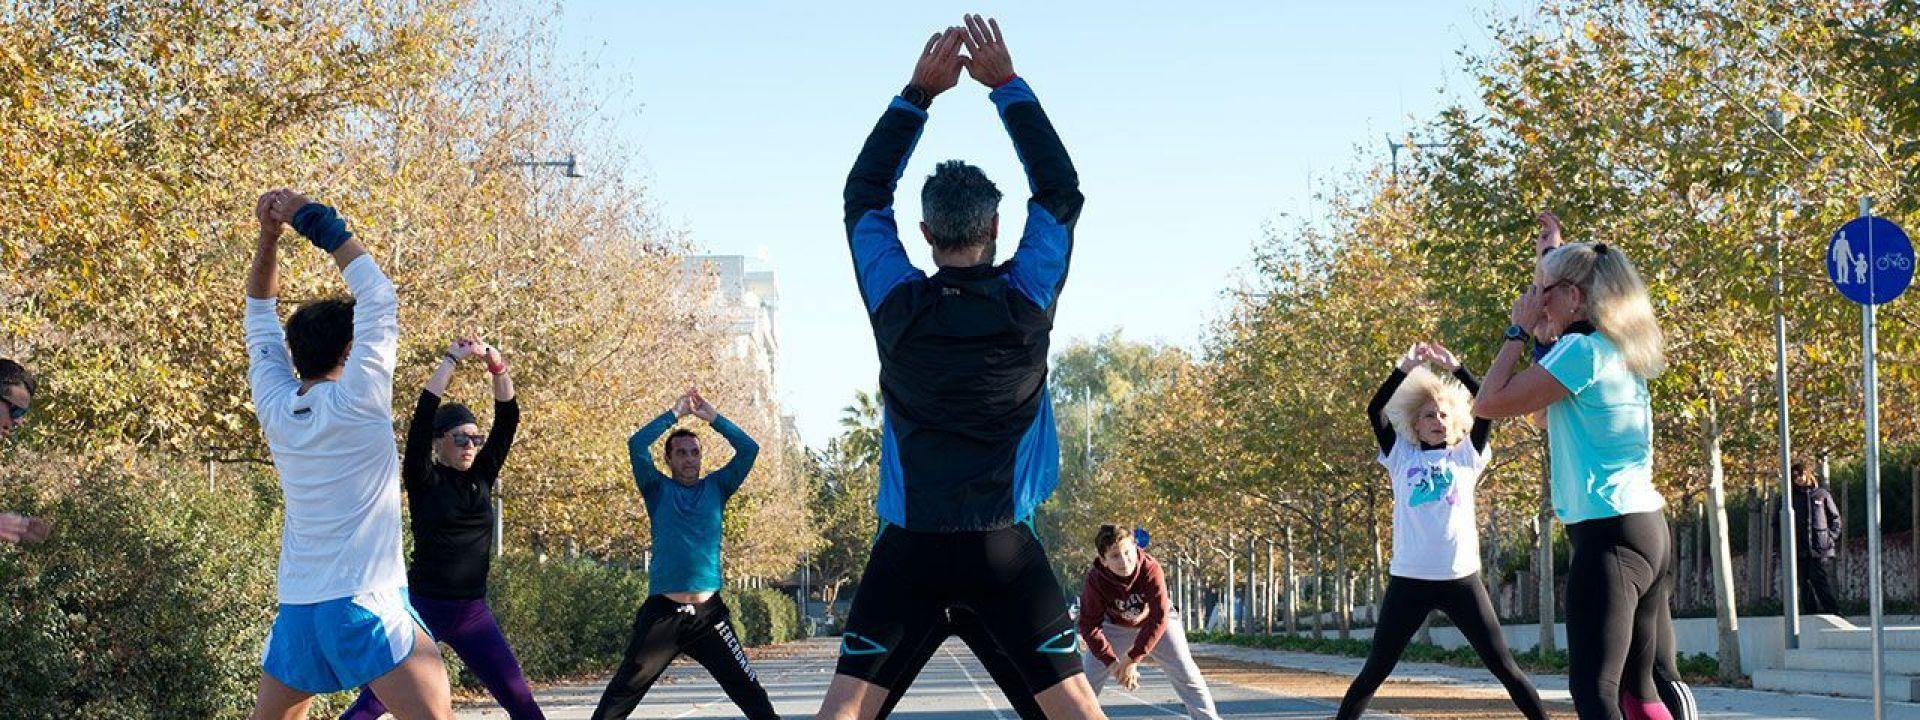 Φωτογραφία από τη δραστηριότητα Άσκηση για όλους